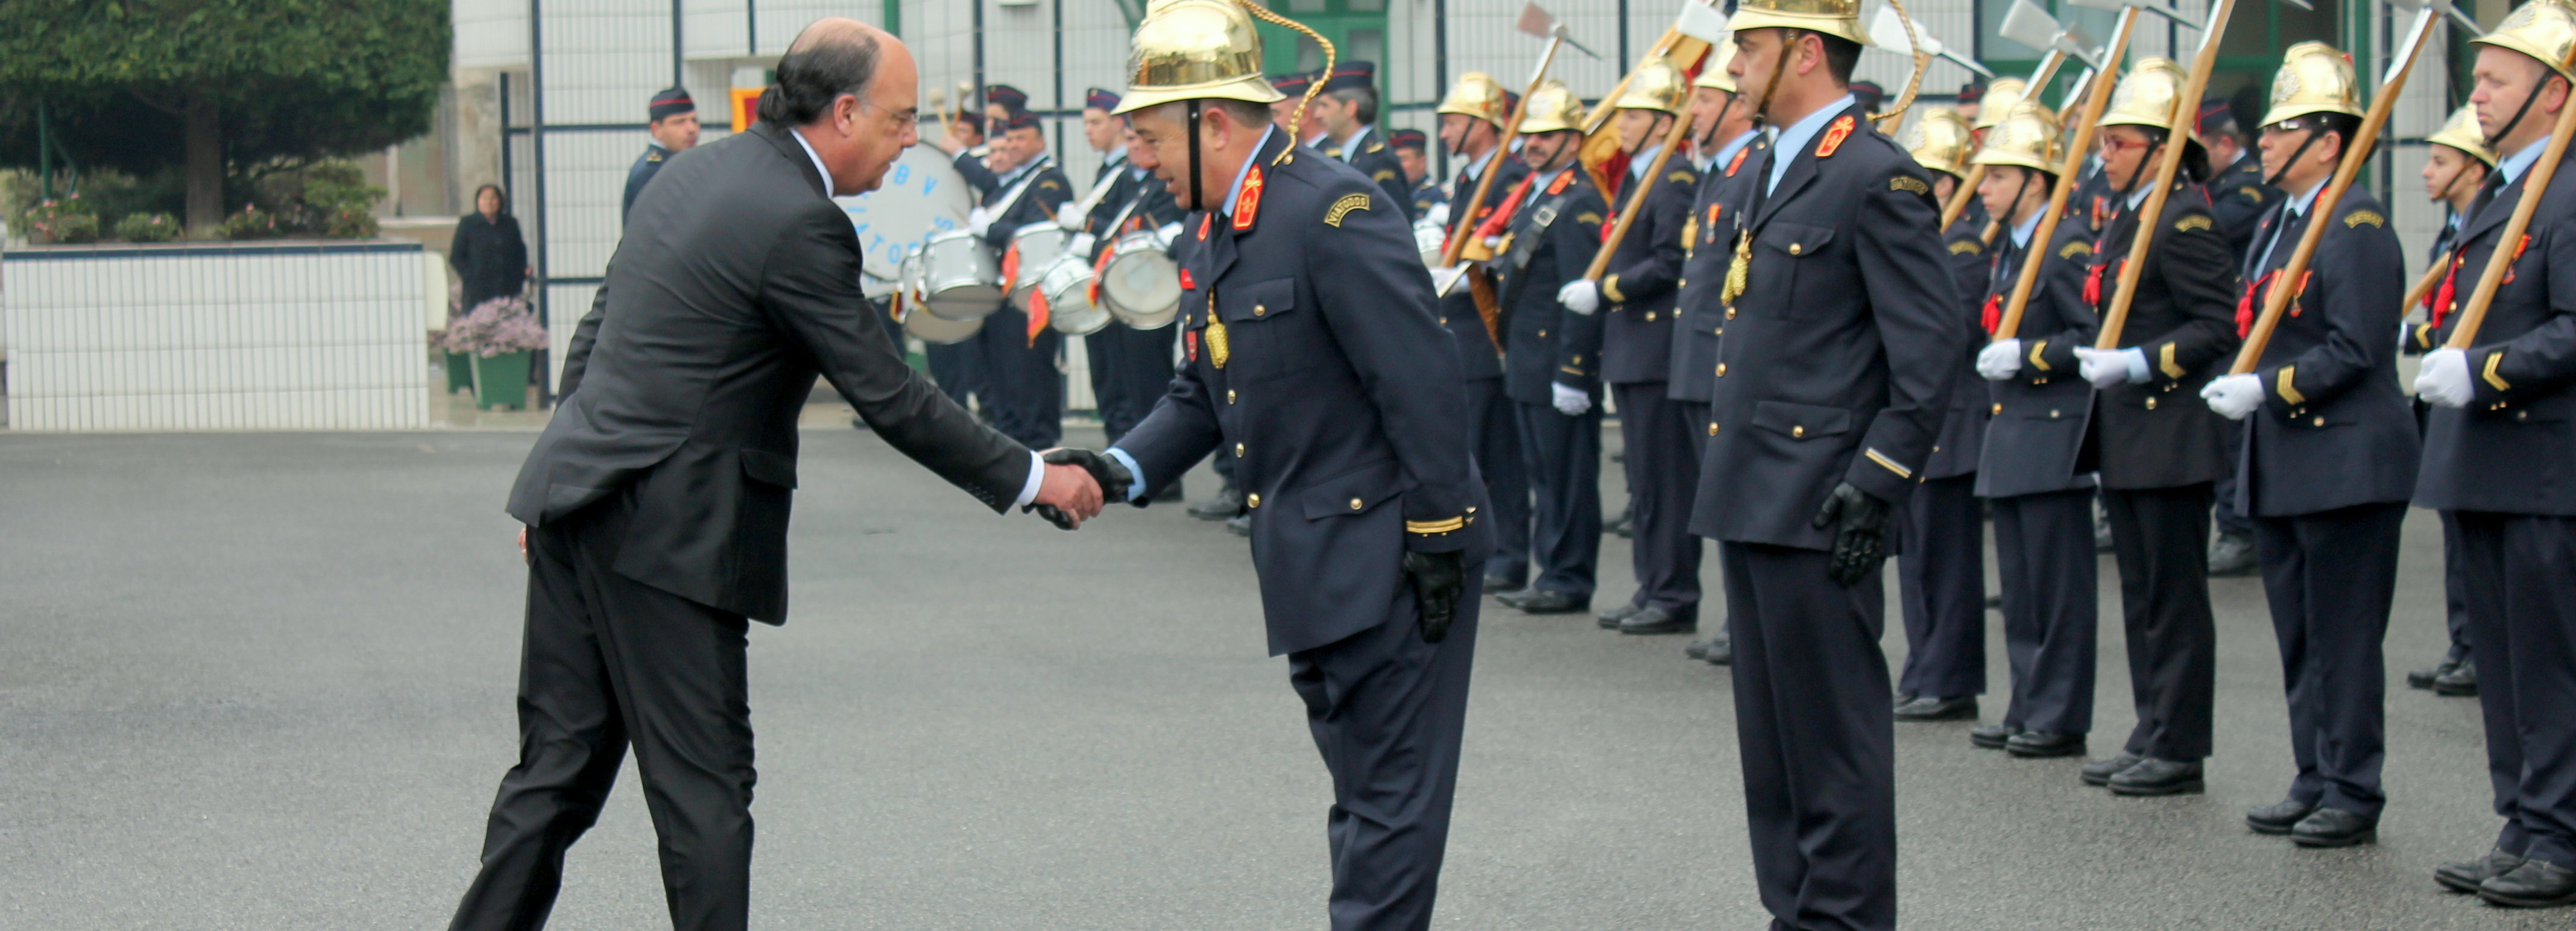 Presidente da Câmara felicita Bombeiros de Viatodos na passagem do 30.º aniversário da corporação